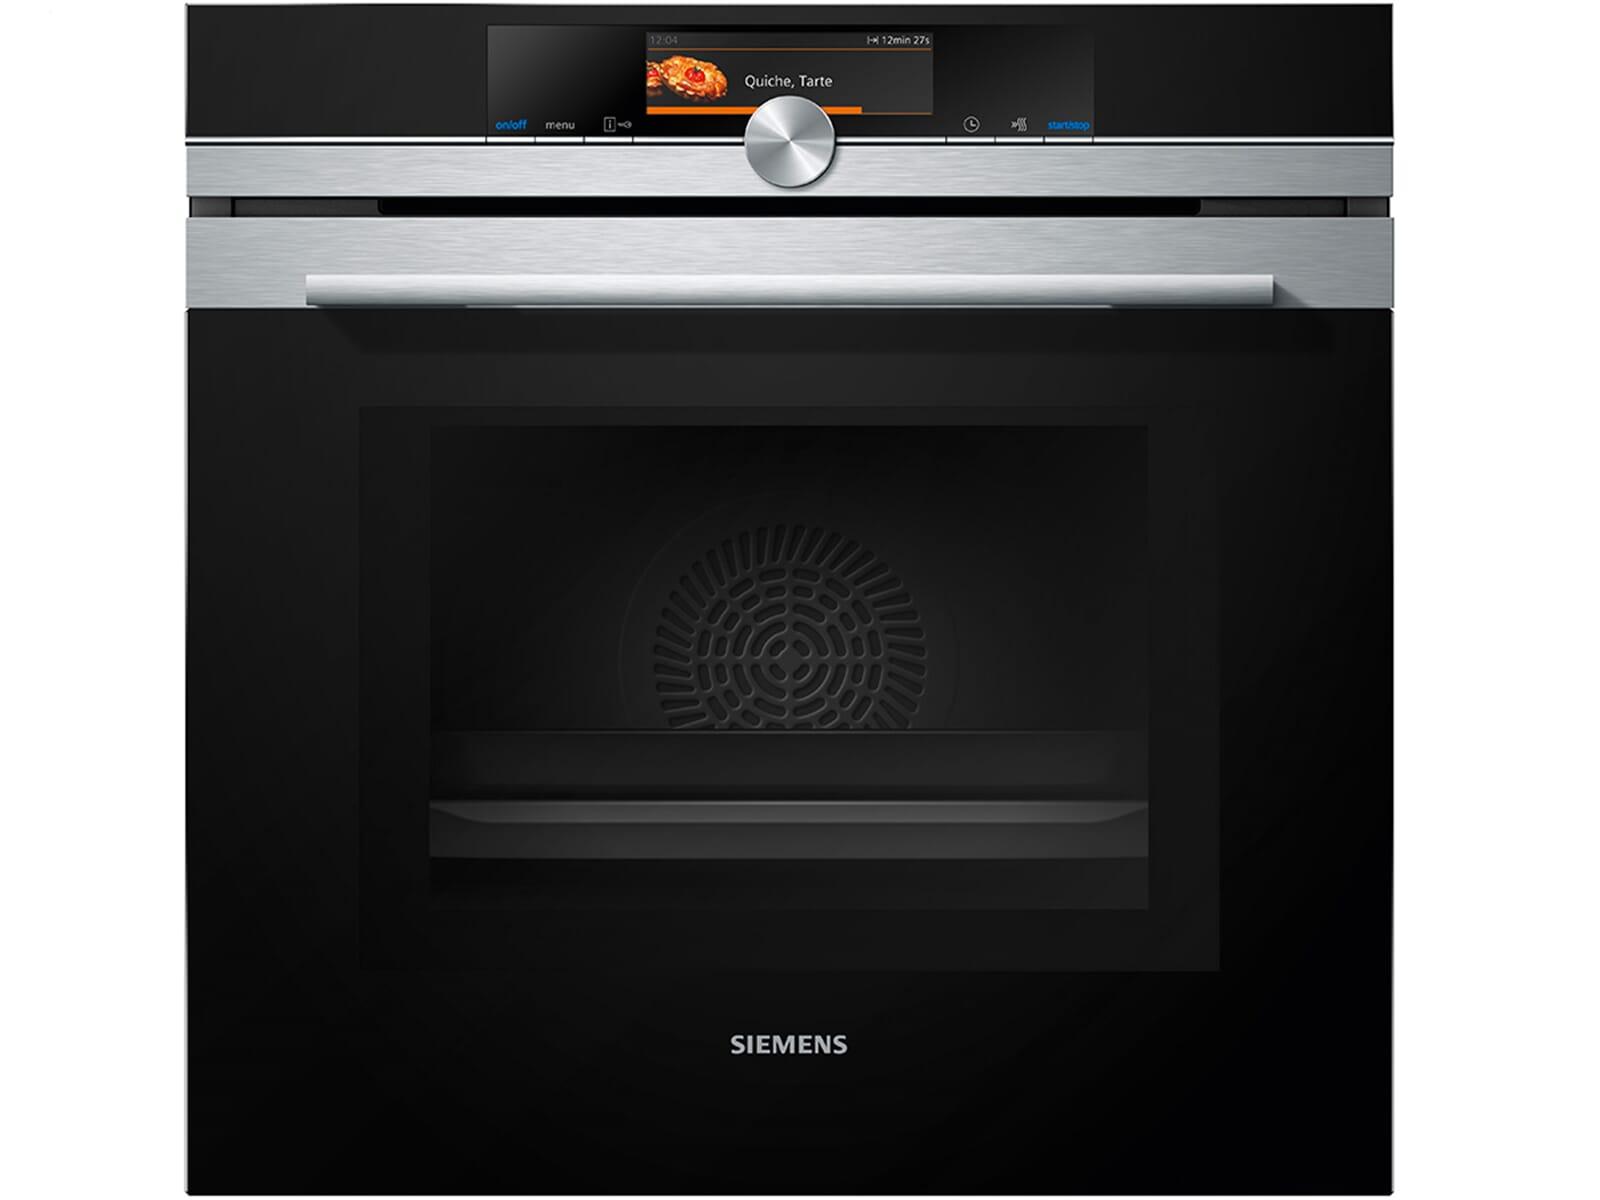 siemens mikrowelle plus kleinanzeigen k chenherde grill mikrowelle seite 1 siemens mikrowelle. Black Bedroom Furniture Sets. Home Design Ideas